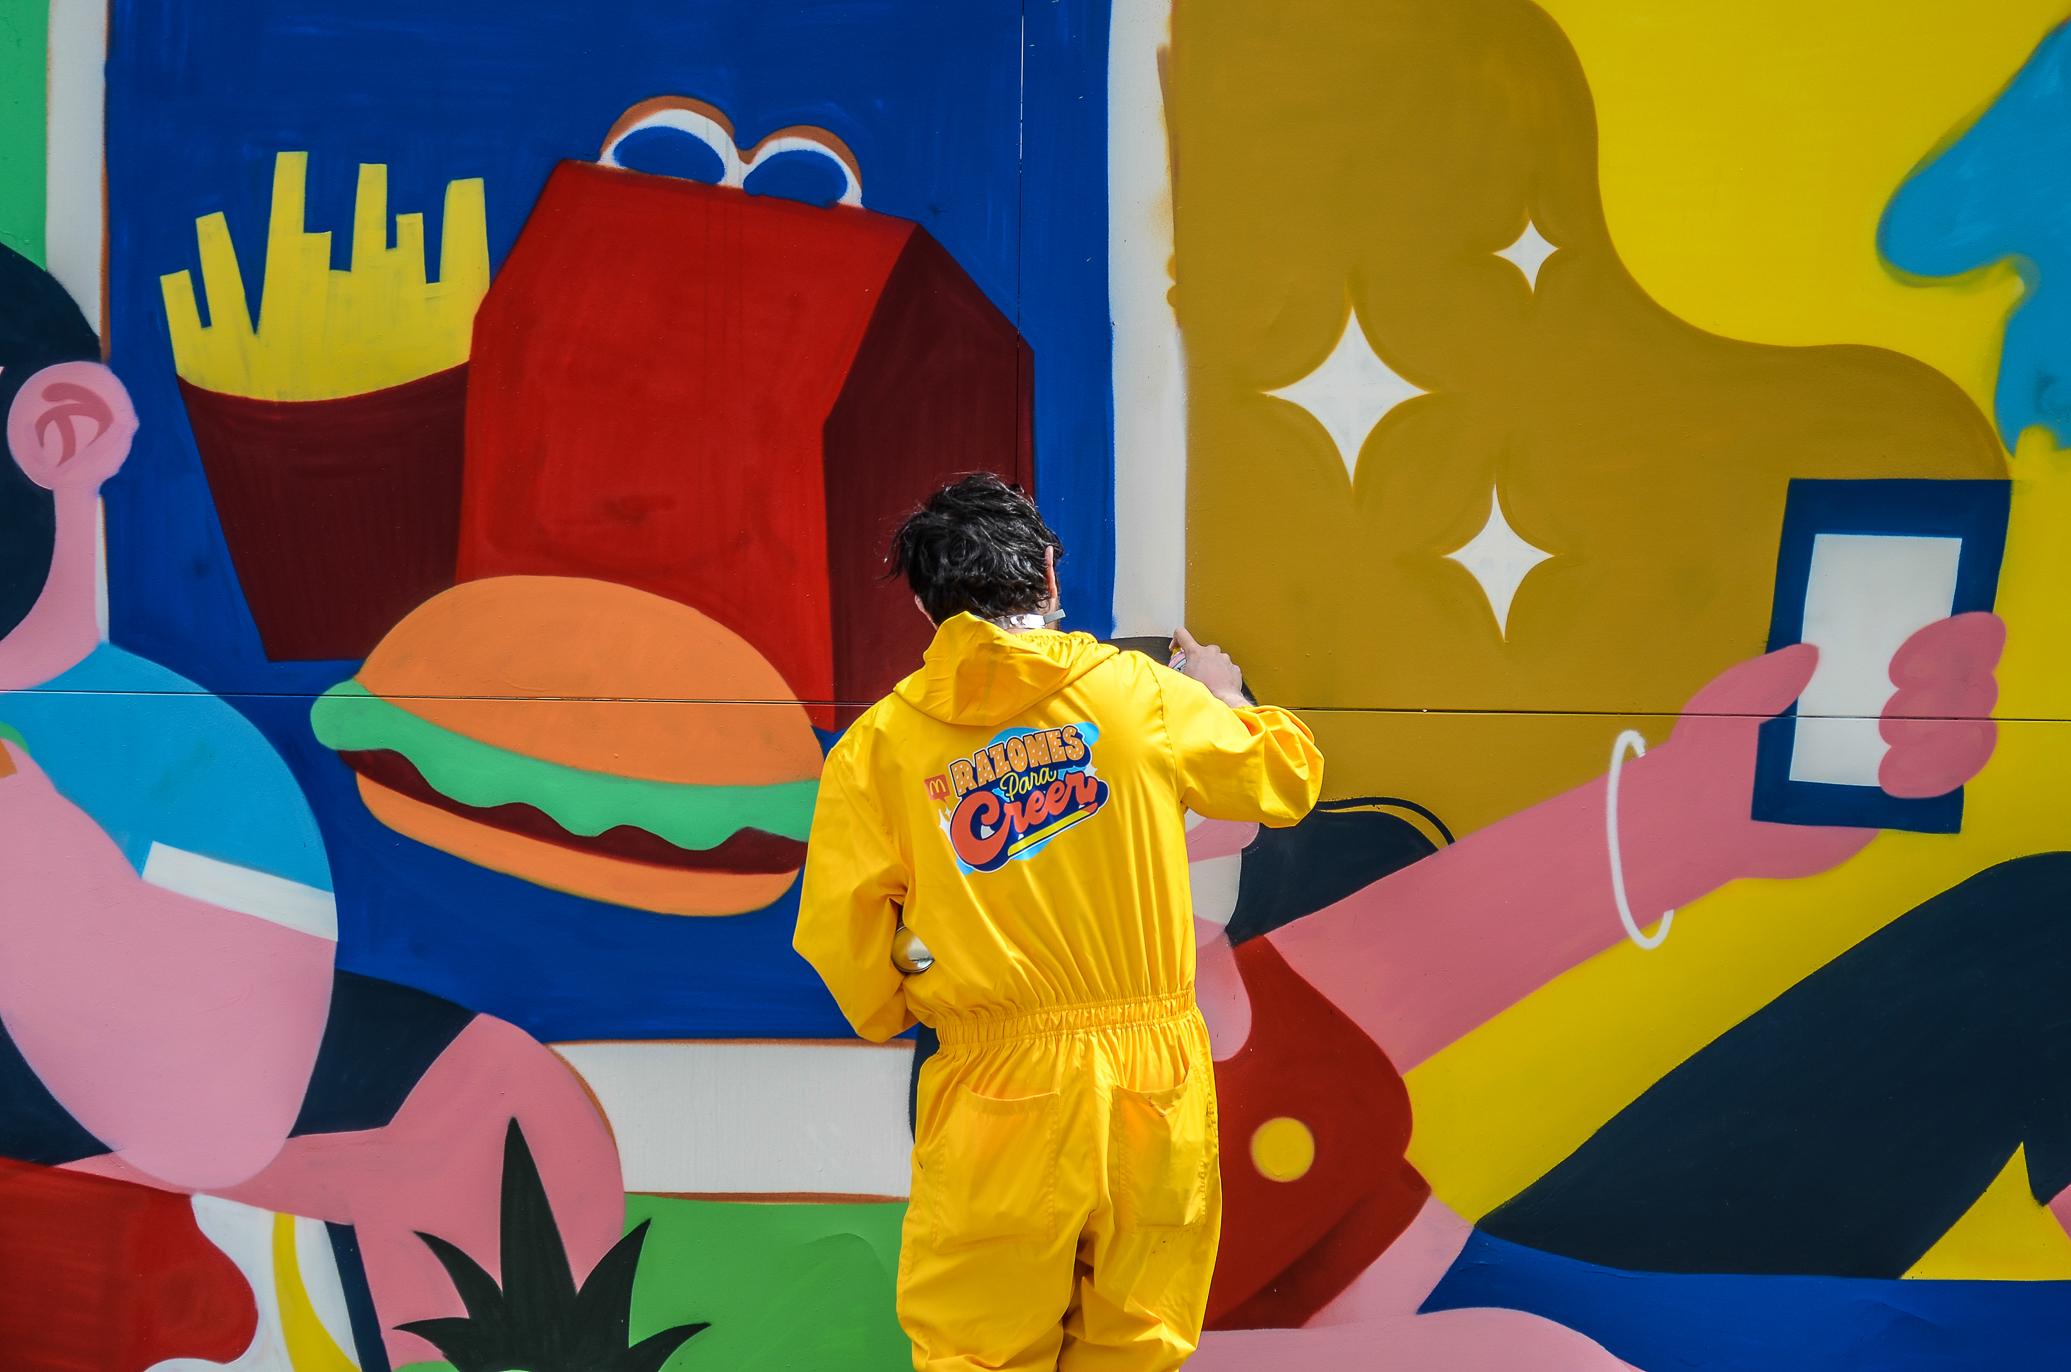 [Colombia] McDonald's construirá un nuevo restaurante insignia en el Parque de la 93 en Bogotá